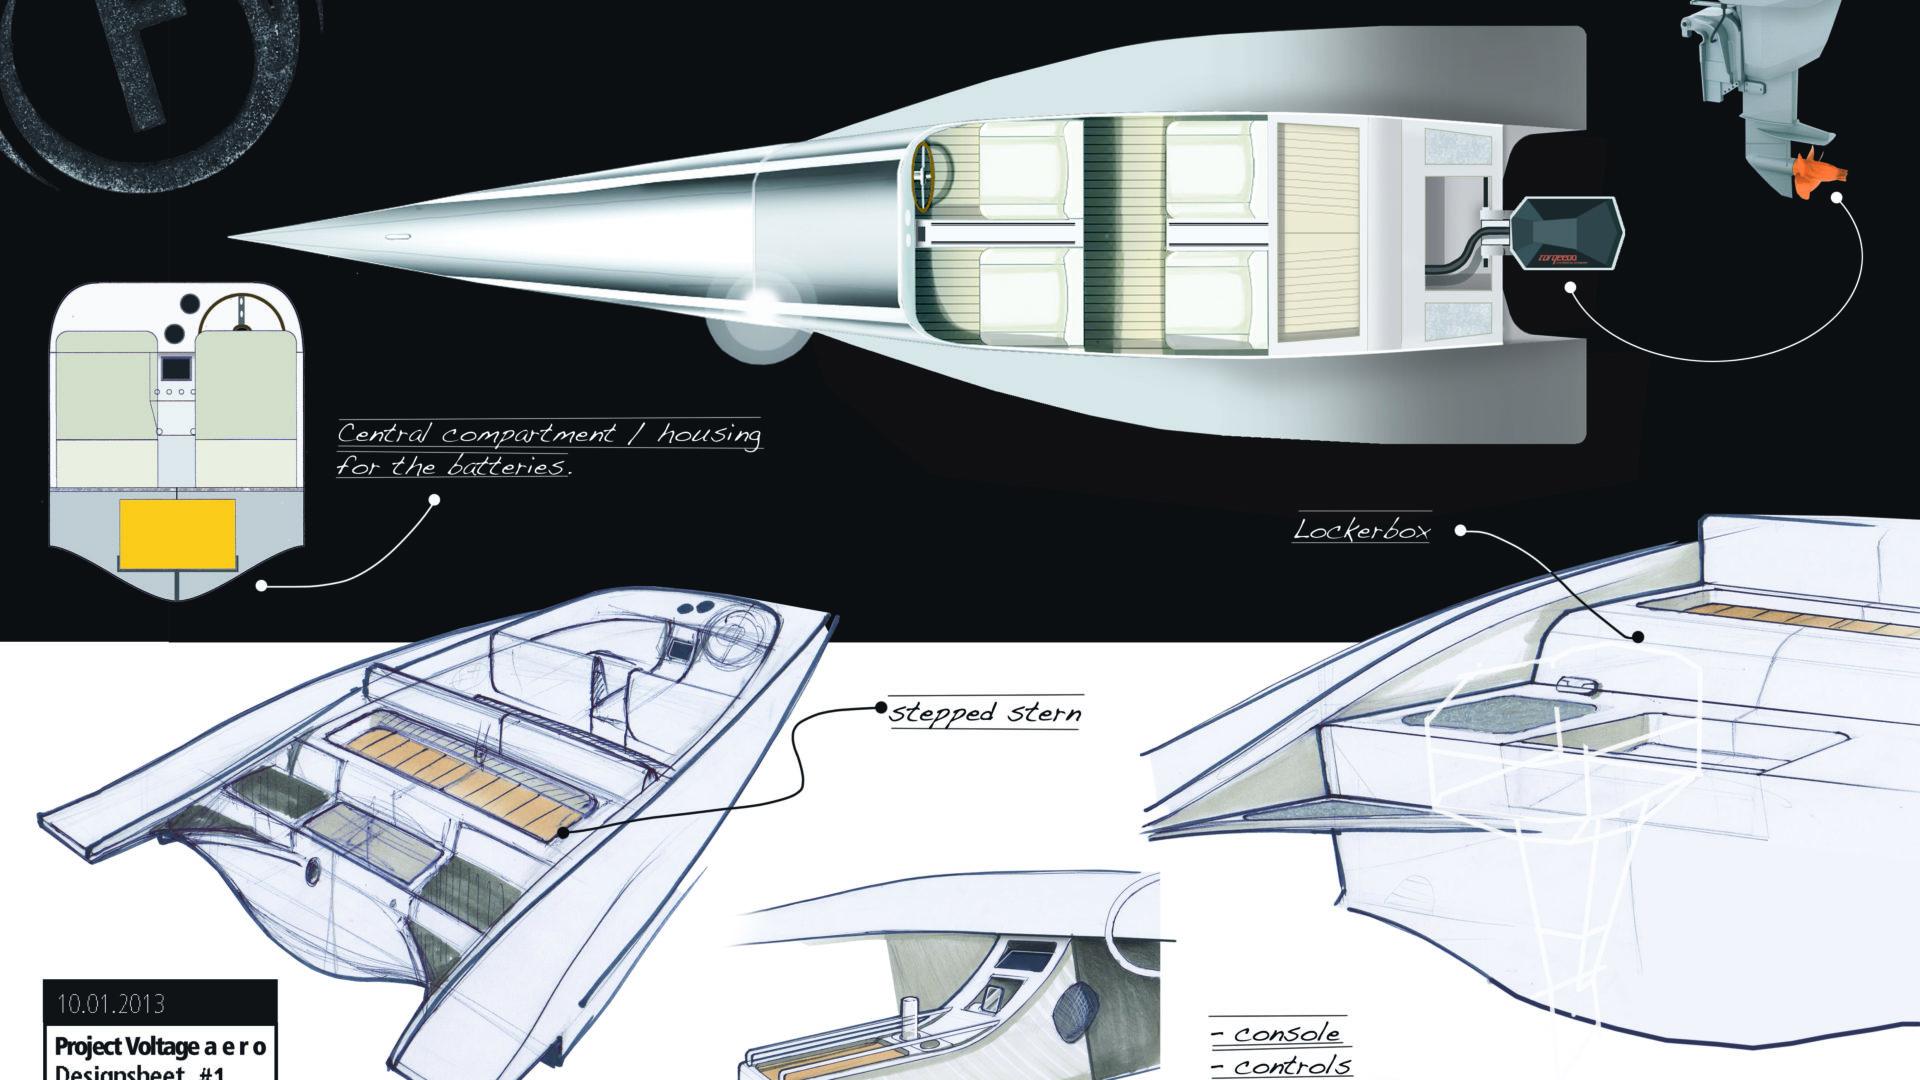 Design/Entwurf für den Voltage aero von FELLERyachting aus mehreren Perspektiven.